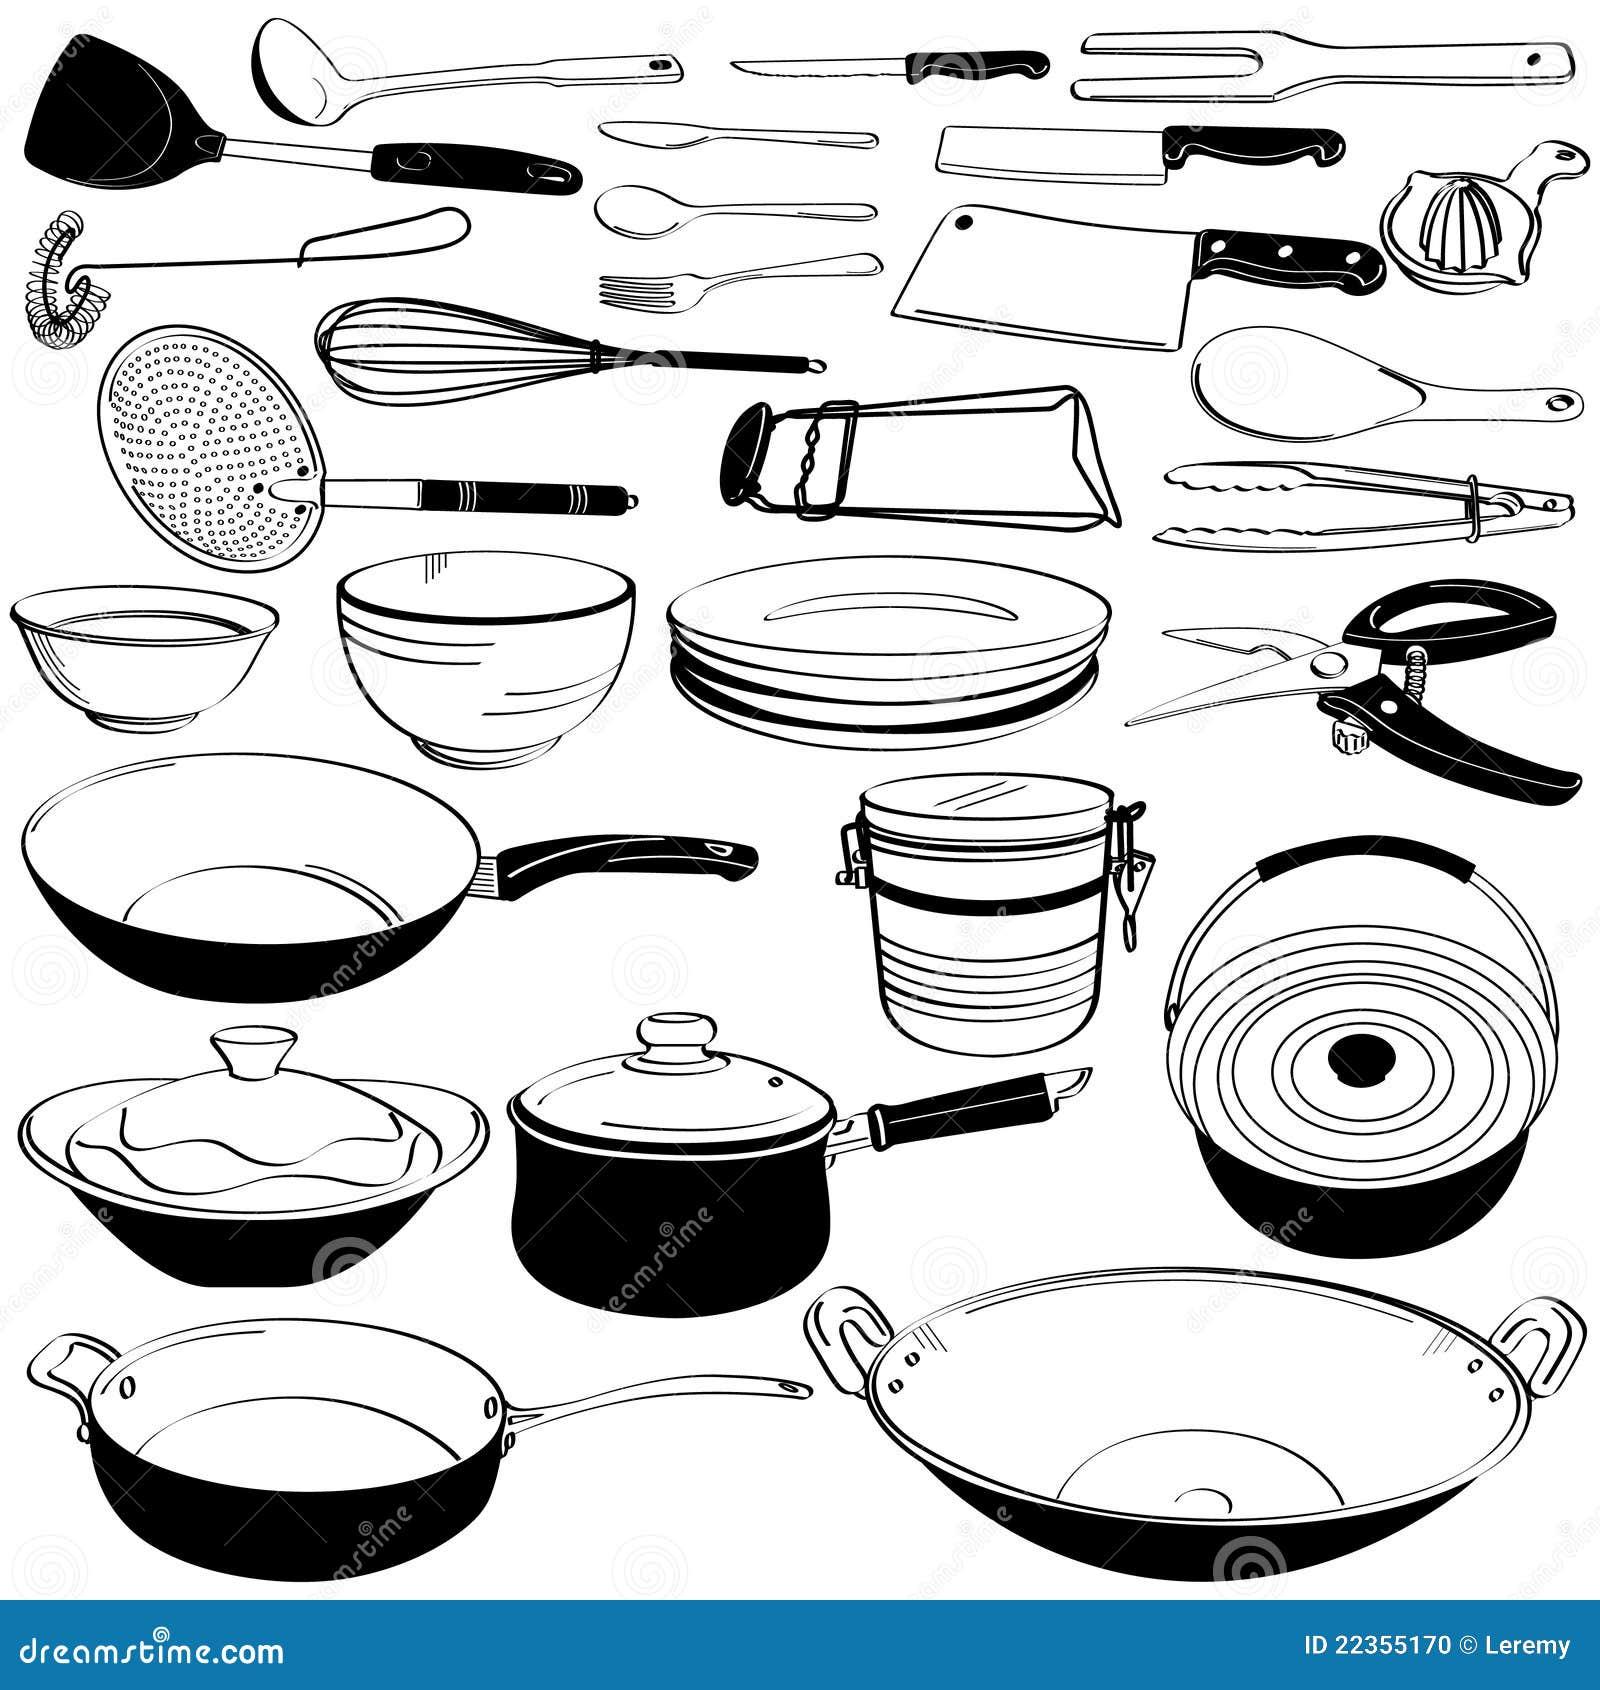 Griffonnage de mat riel d 39 ustensile d 39 outil de cuisine illustration de vecteur illustration du - Outil de cuisine liste ...